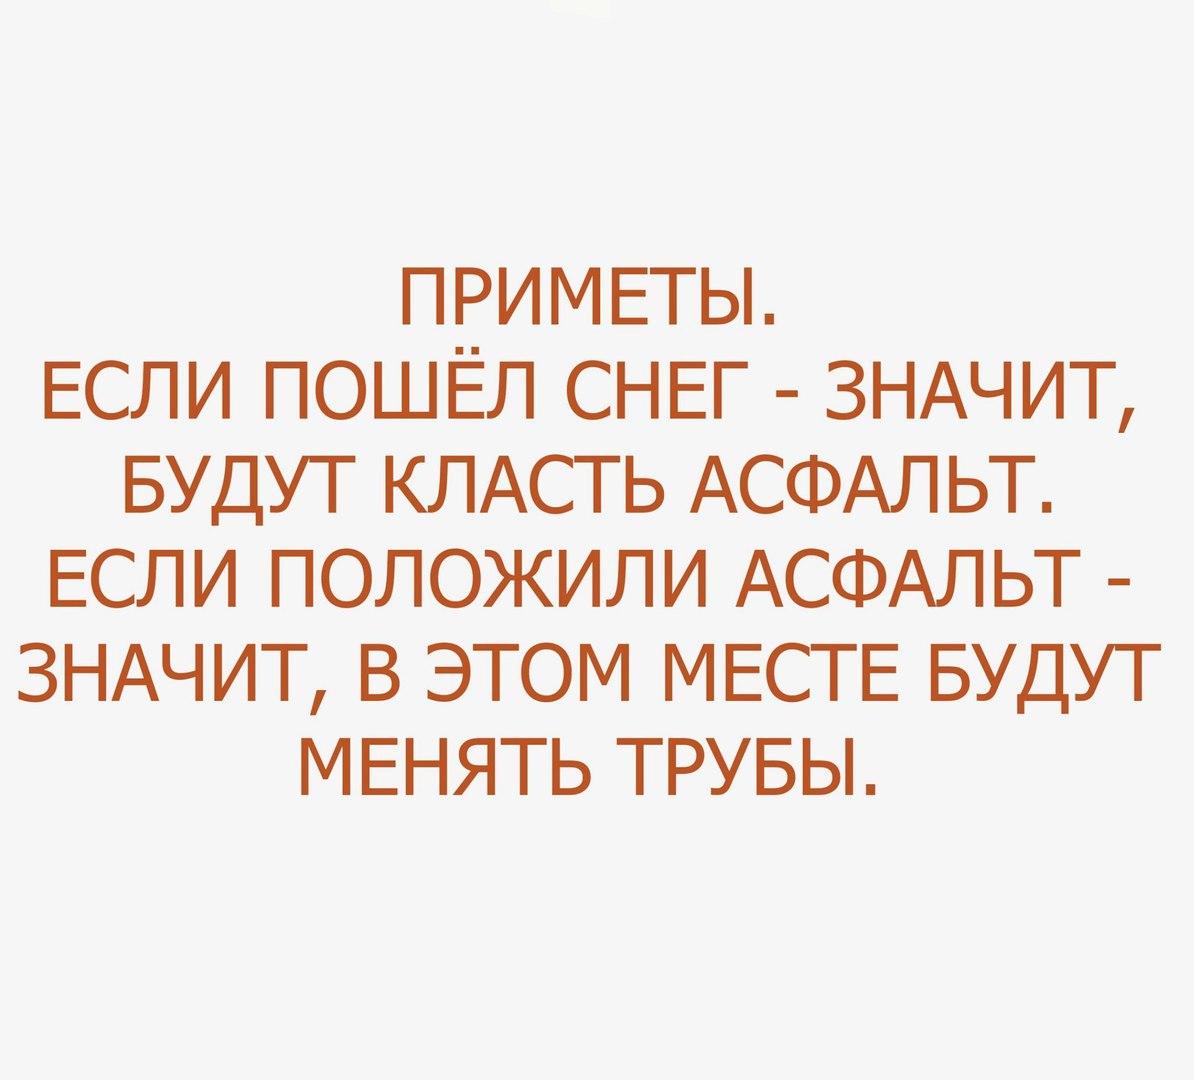 pp.userapi.com/c635104/v635104819/1beb7/buG1k0m7J1k.jpg